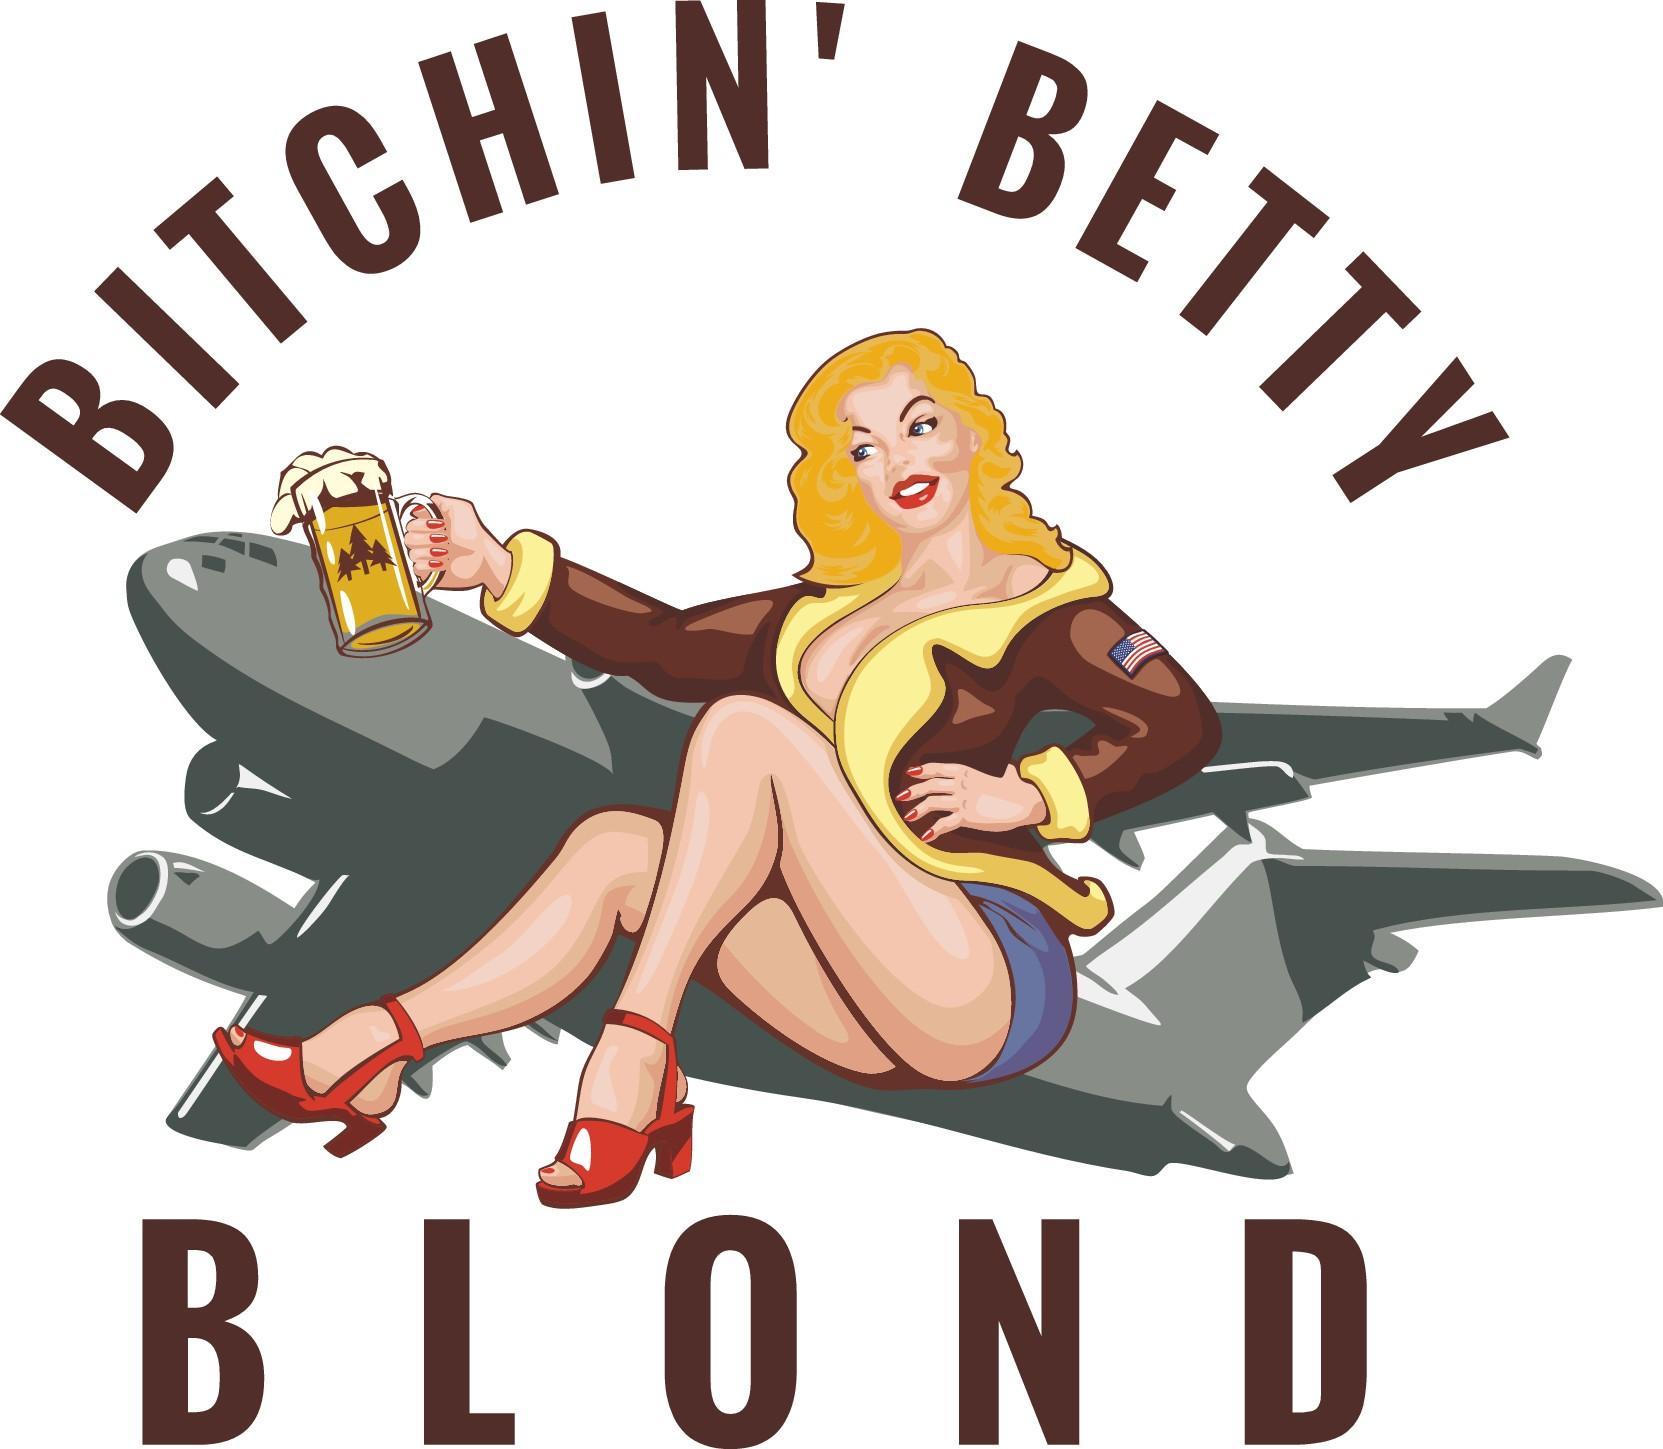 Bitchin' Betty Blond